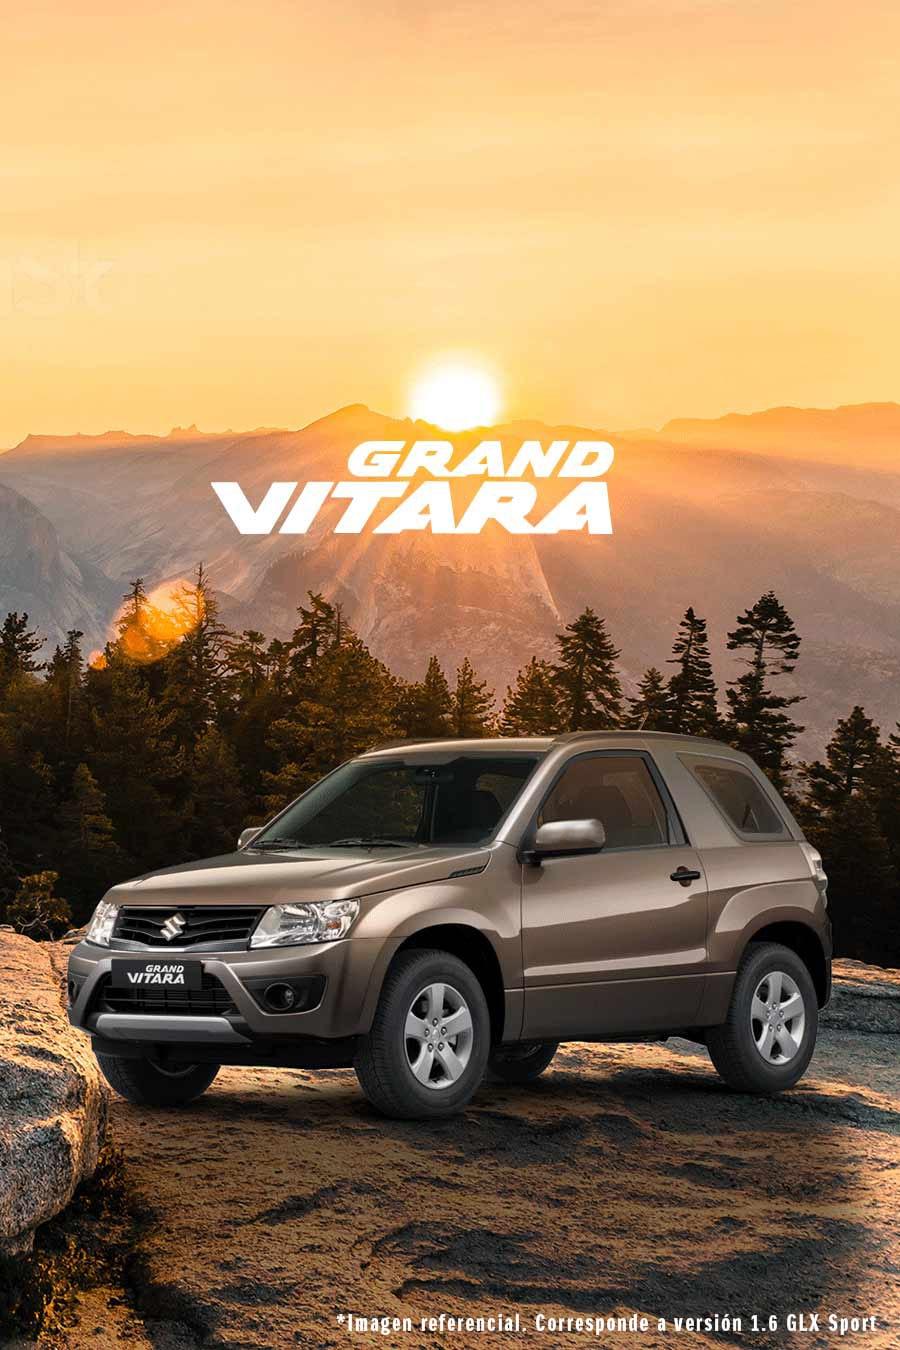 Grand Vitara - Suzuki